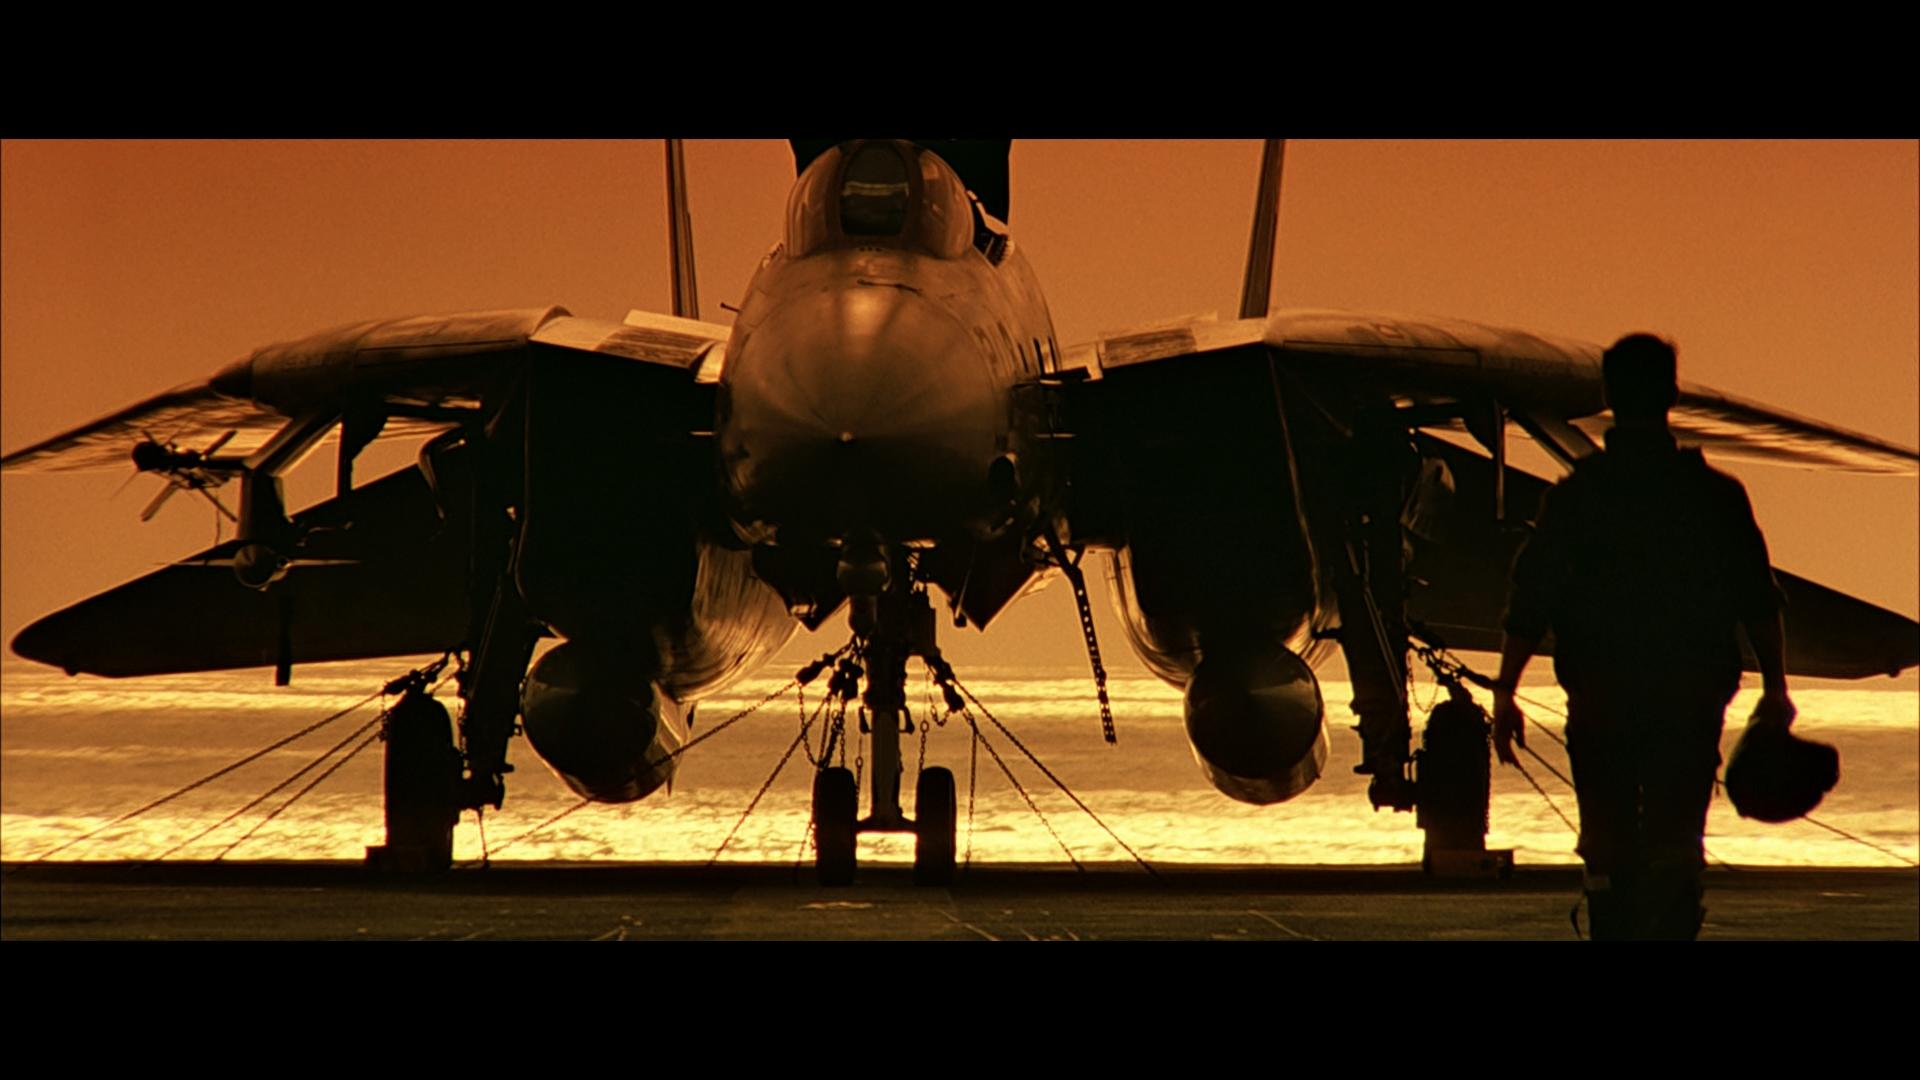 وحوش المقاتلات  الاعتراضية. - صفحة 2 Top_gun_sunset